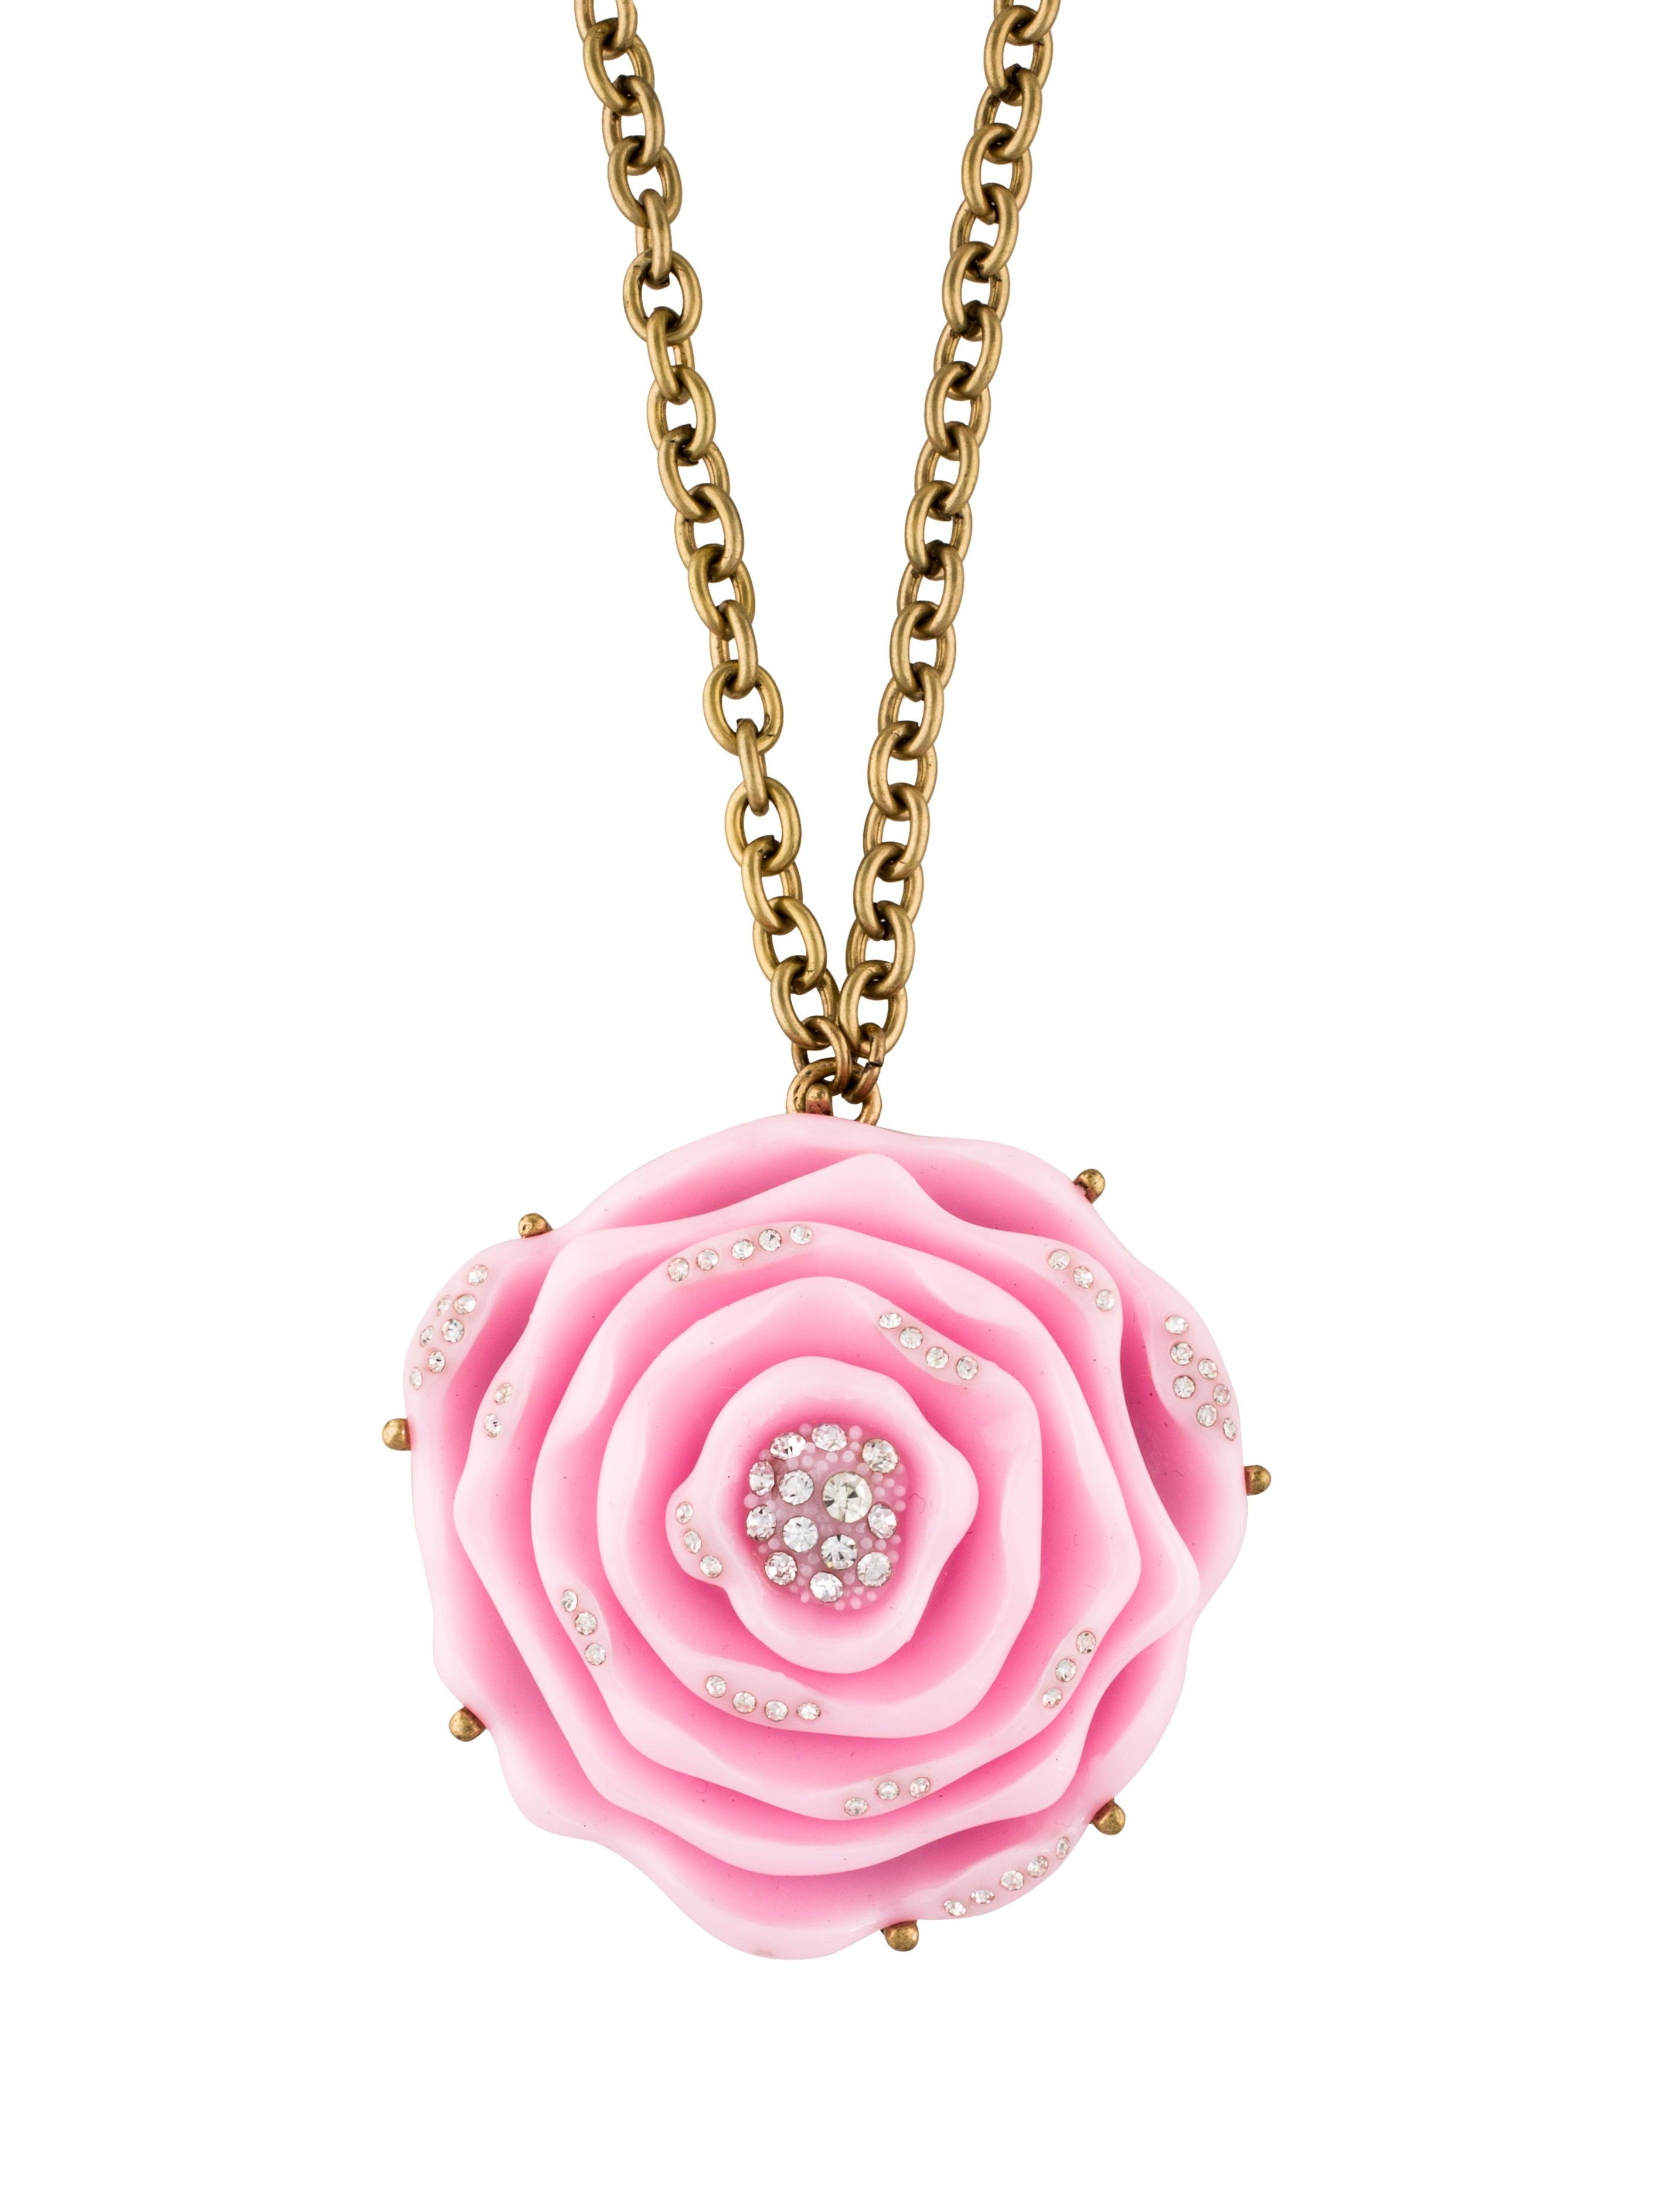 Oscar de la renta pink resin rose pendant necklace necklaces pink resin rose pendant necklace audiocablefo light ideas